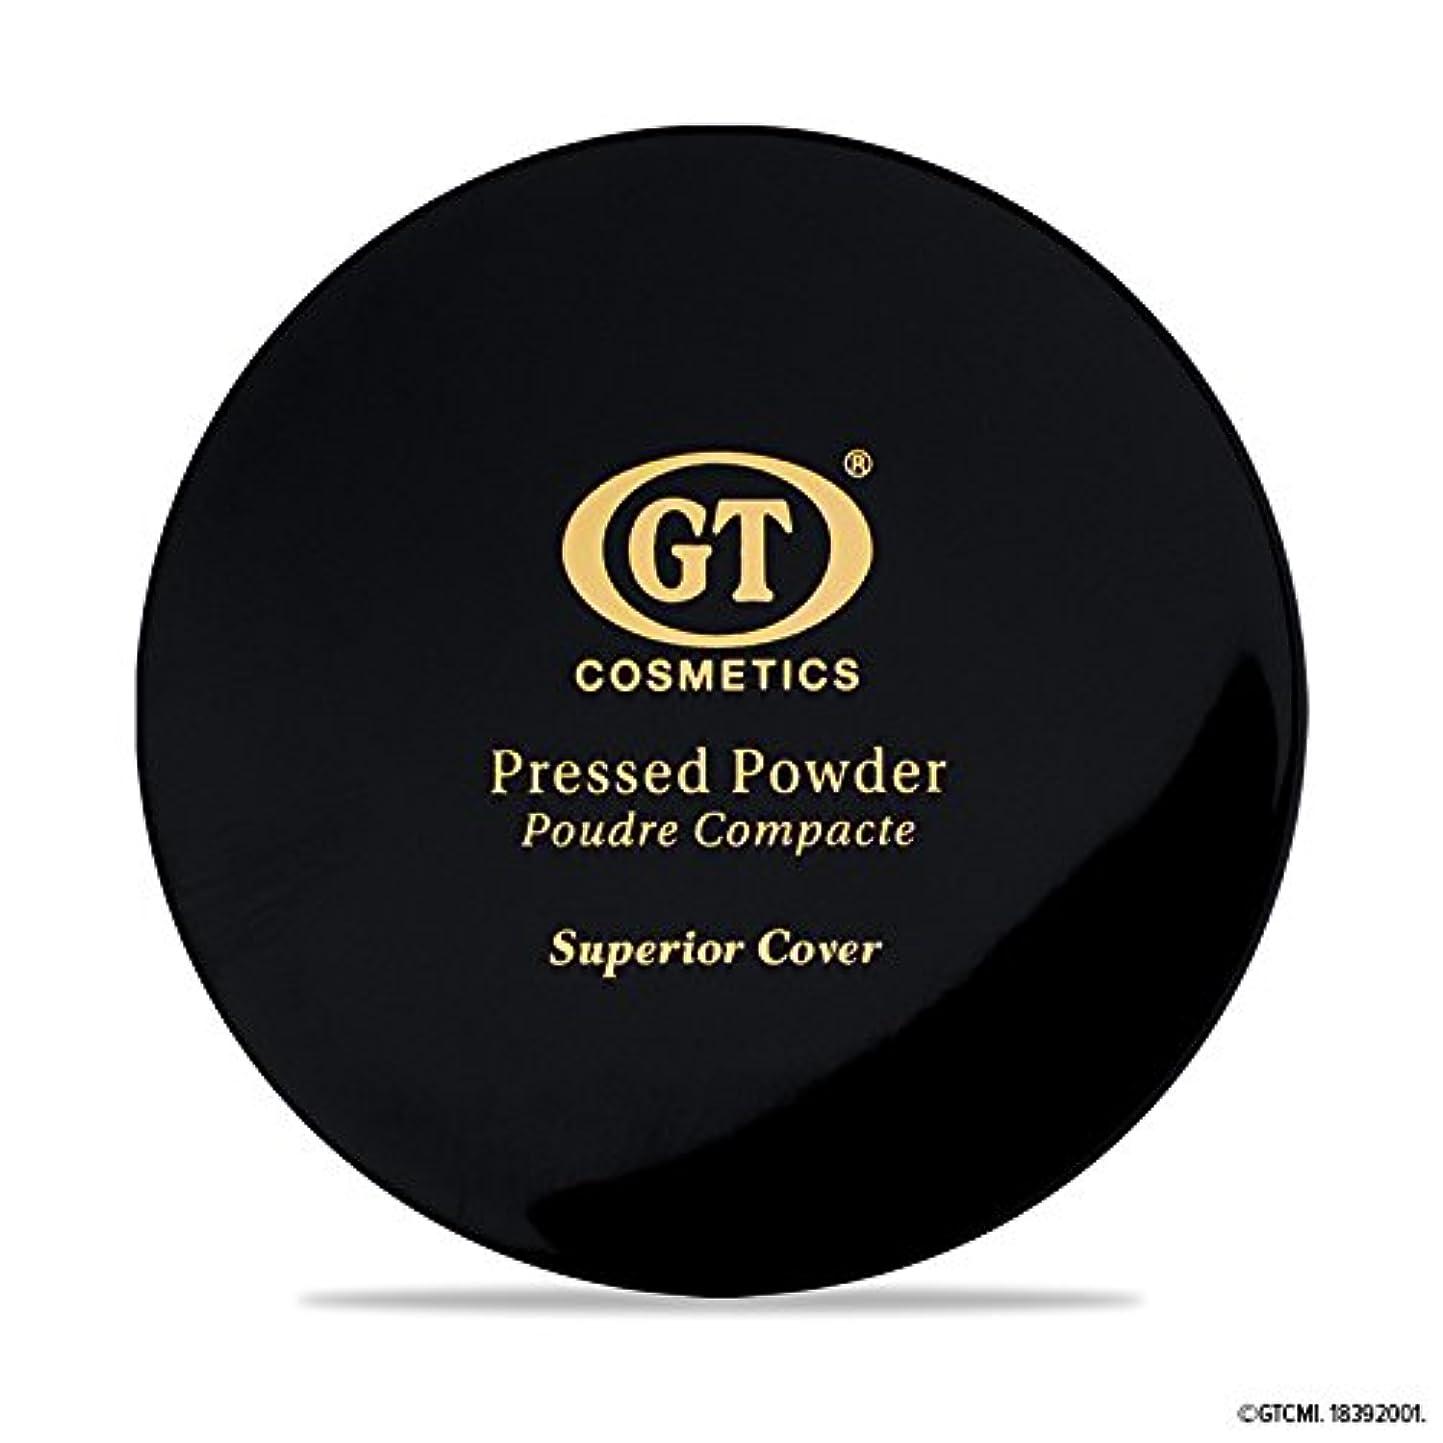 漫画有料ワーカーGTpressed powder ナチュラルベージュ SPF20 正規輸入代理店 日本初上陸 コスメティック オーガニック ファンデーション